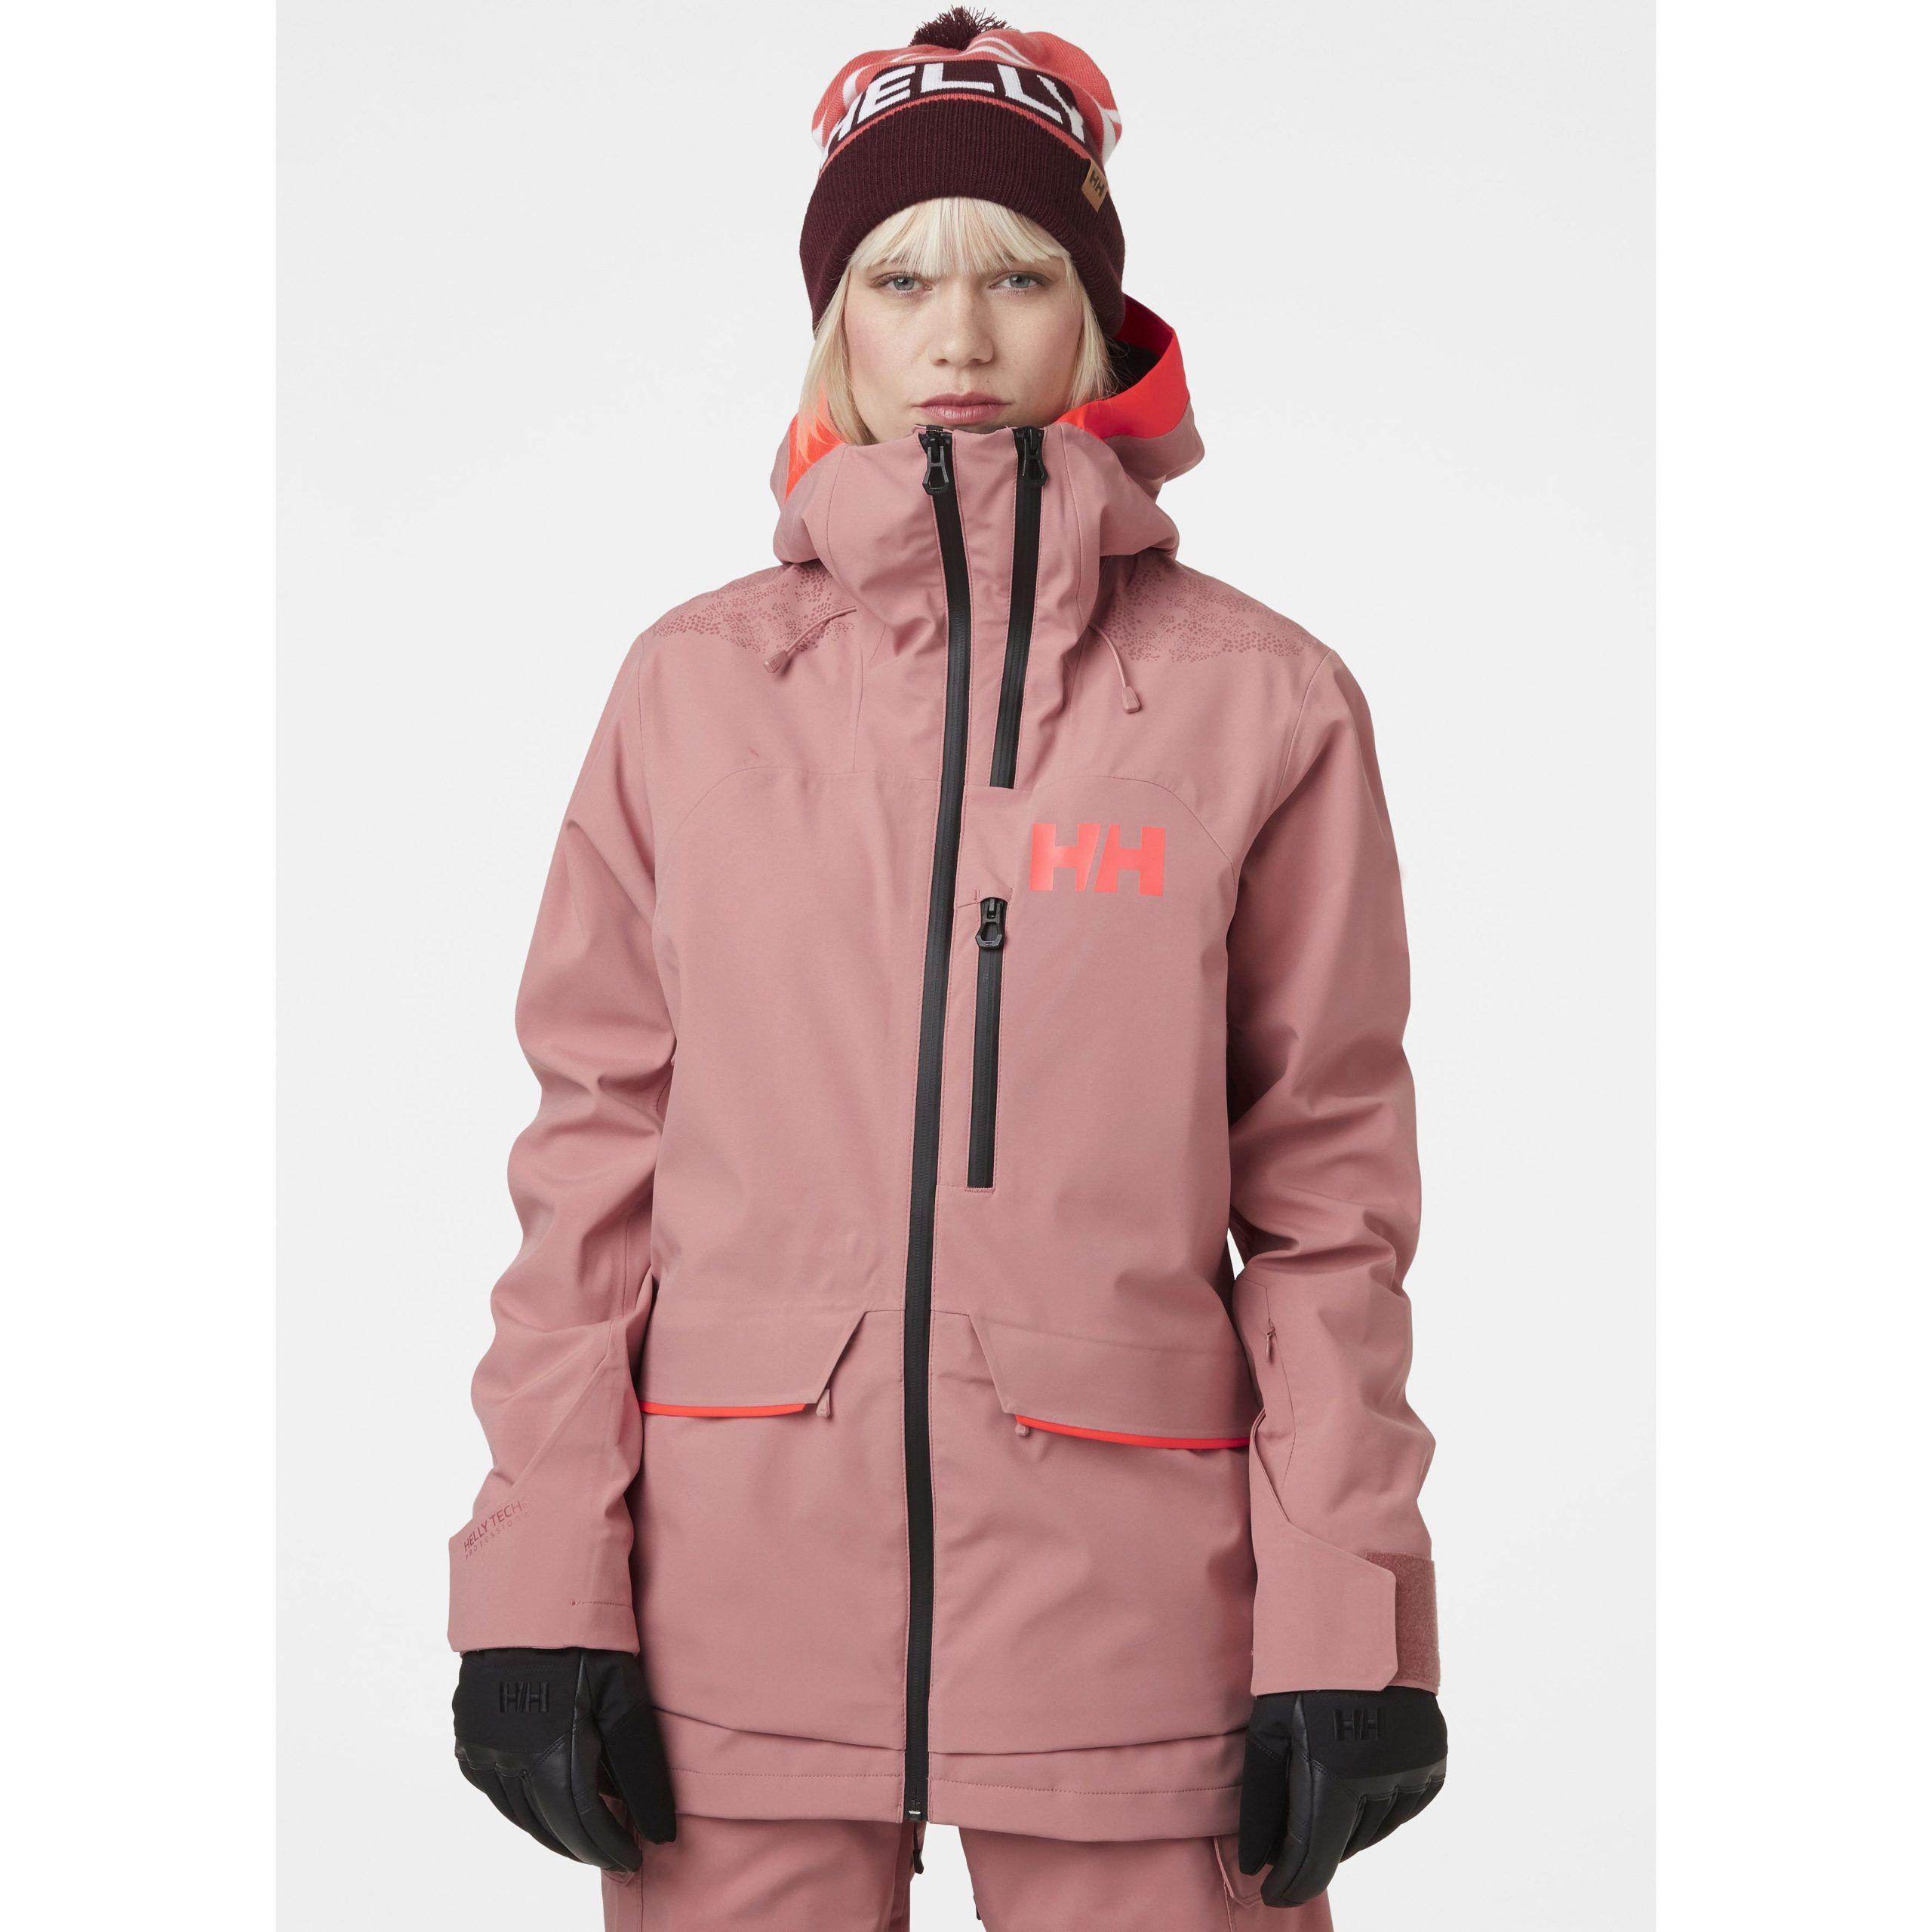 Helly Hansen Women's Aurora Shell 2.0 Jacket RED BRICK 65634-199 /'/'